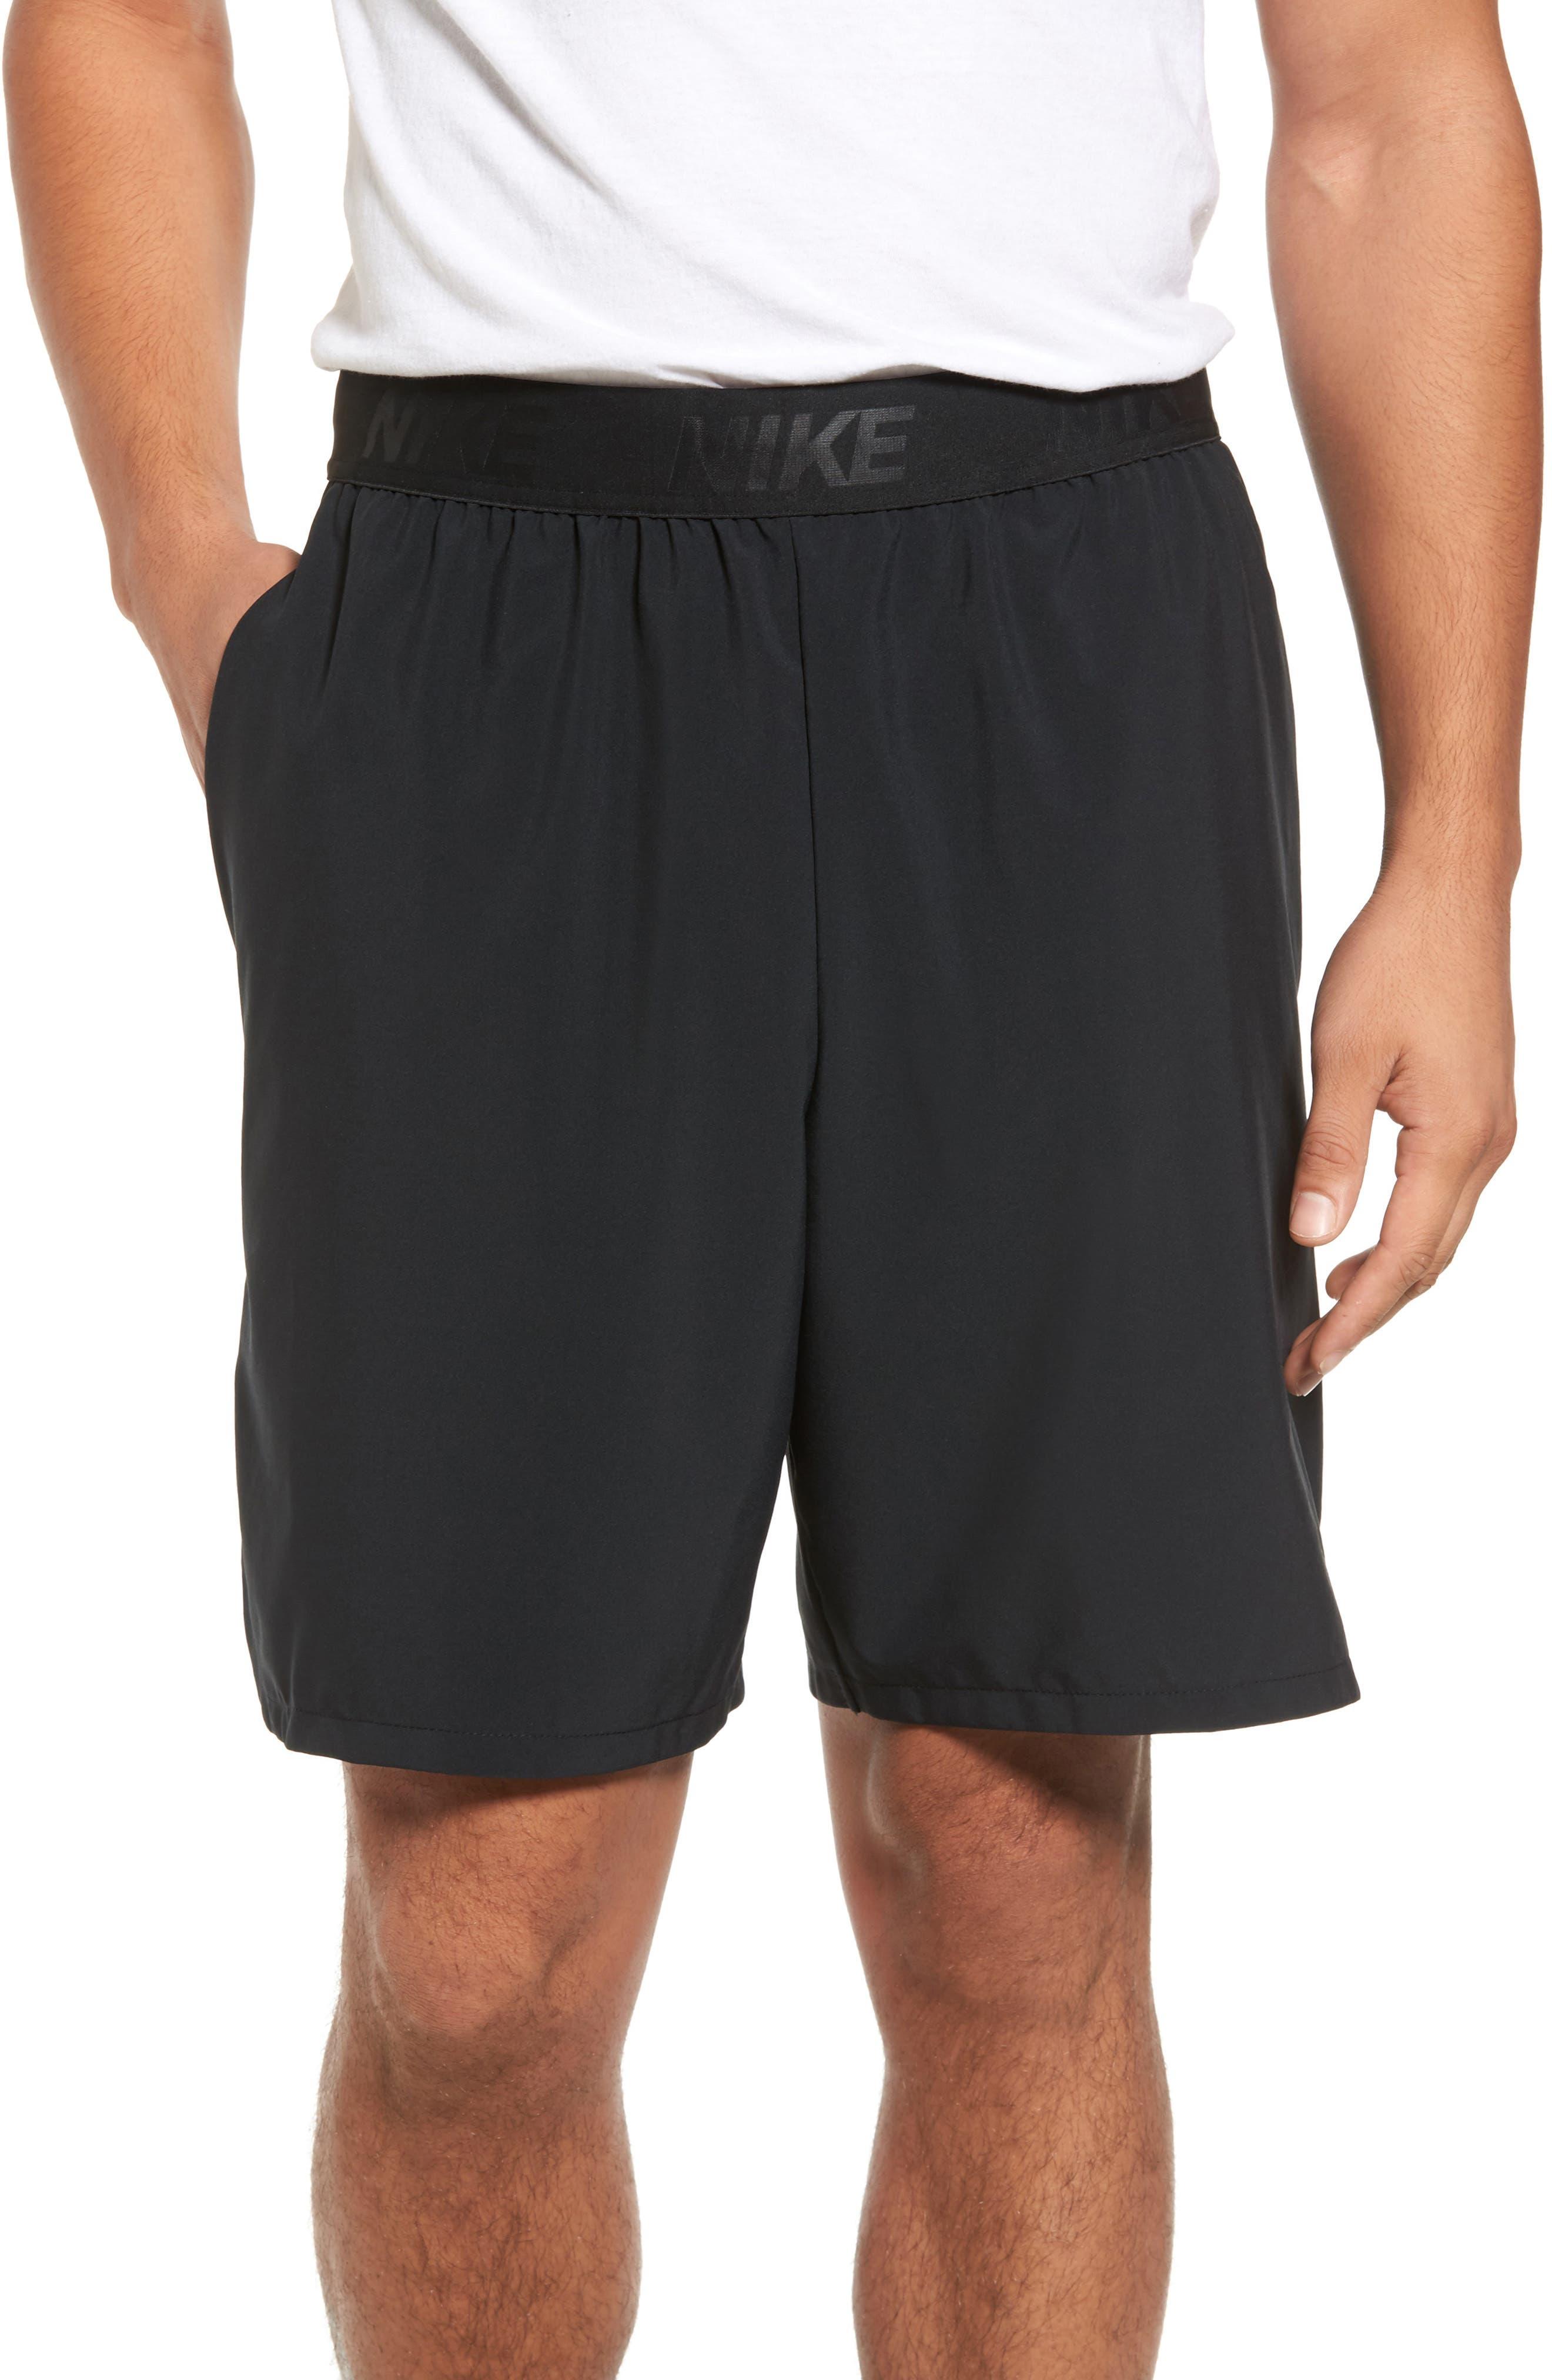 NIKE, Flex Vent Max Shorts, Main thumbnail 1, color, BLACK/ METALLIC HEMATITE